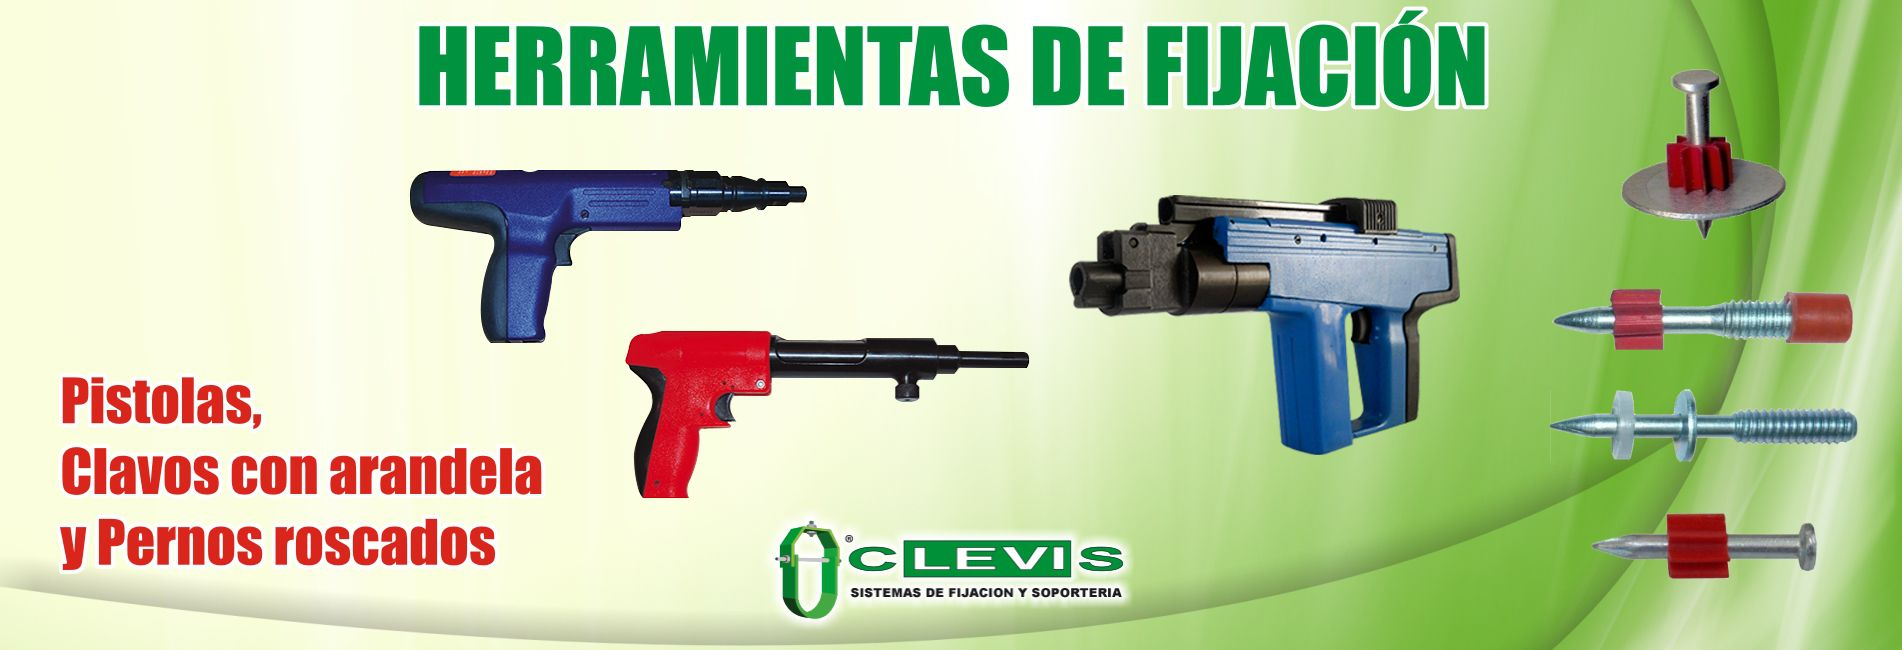 Clevis Monterrey | Sistemas de fijación y soporteria